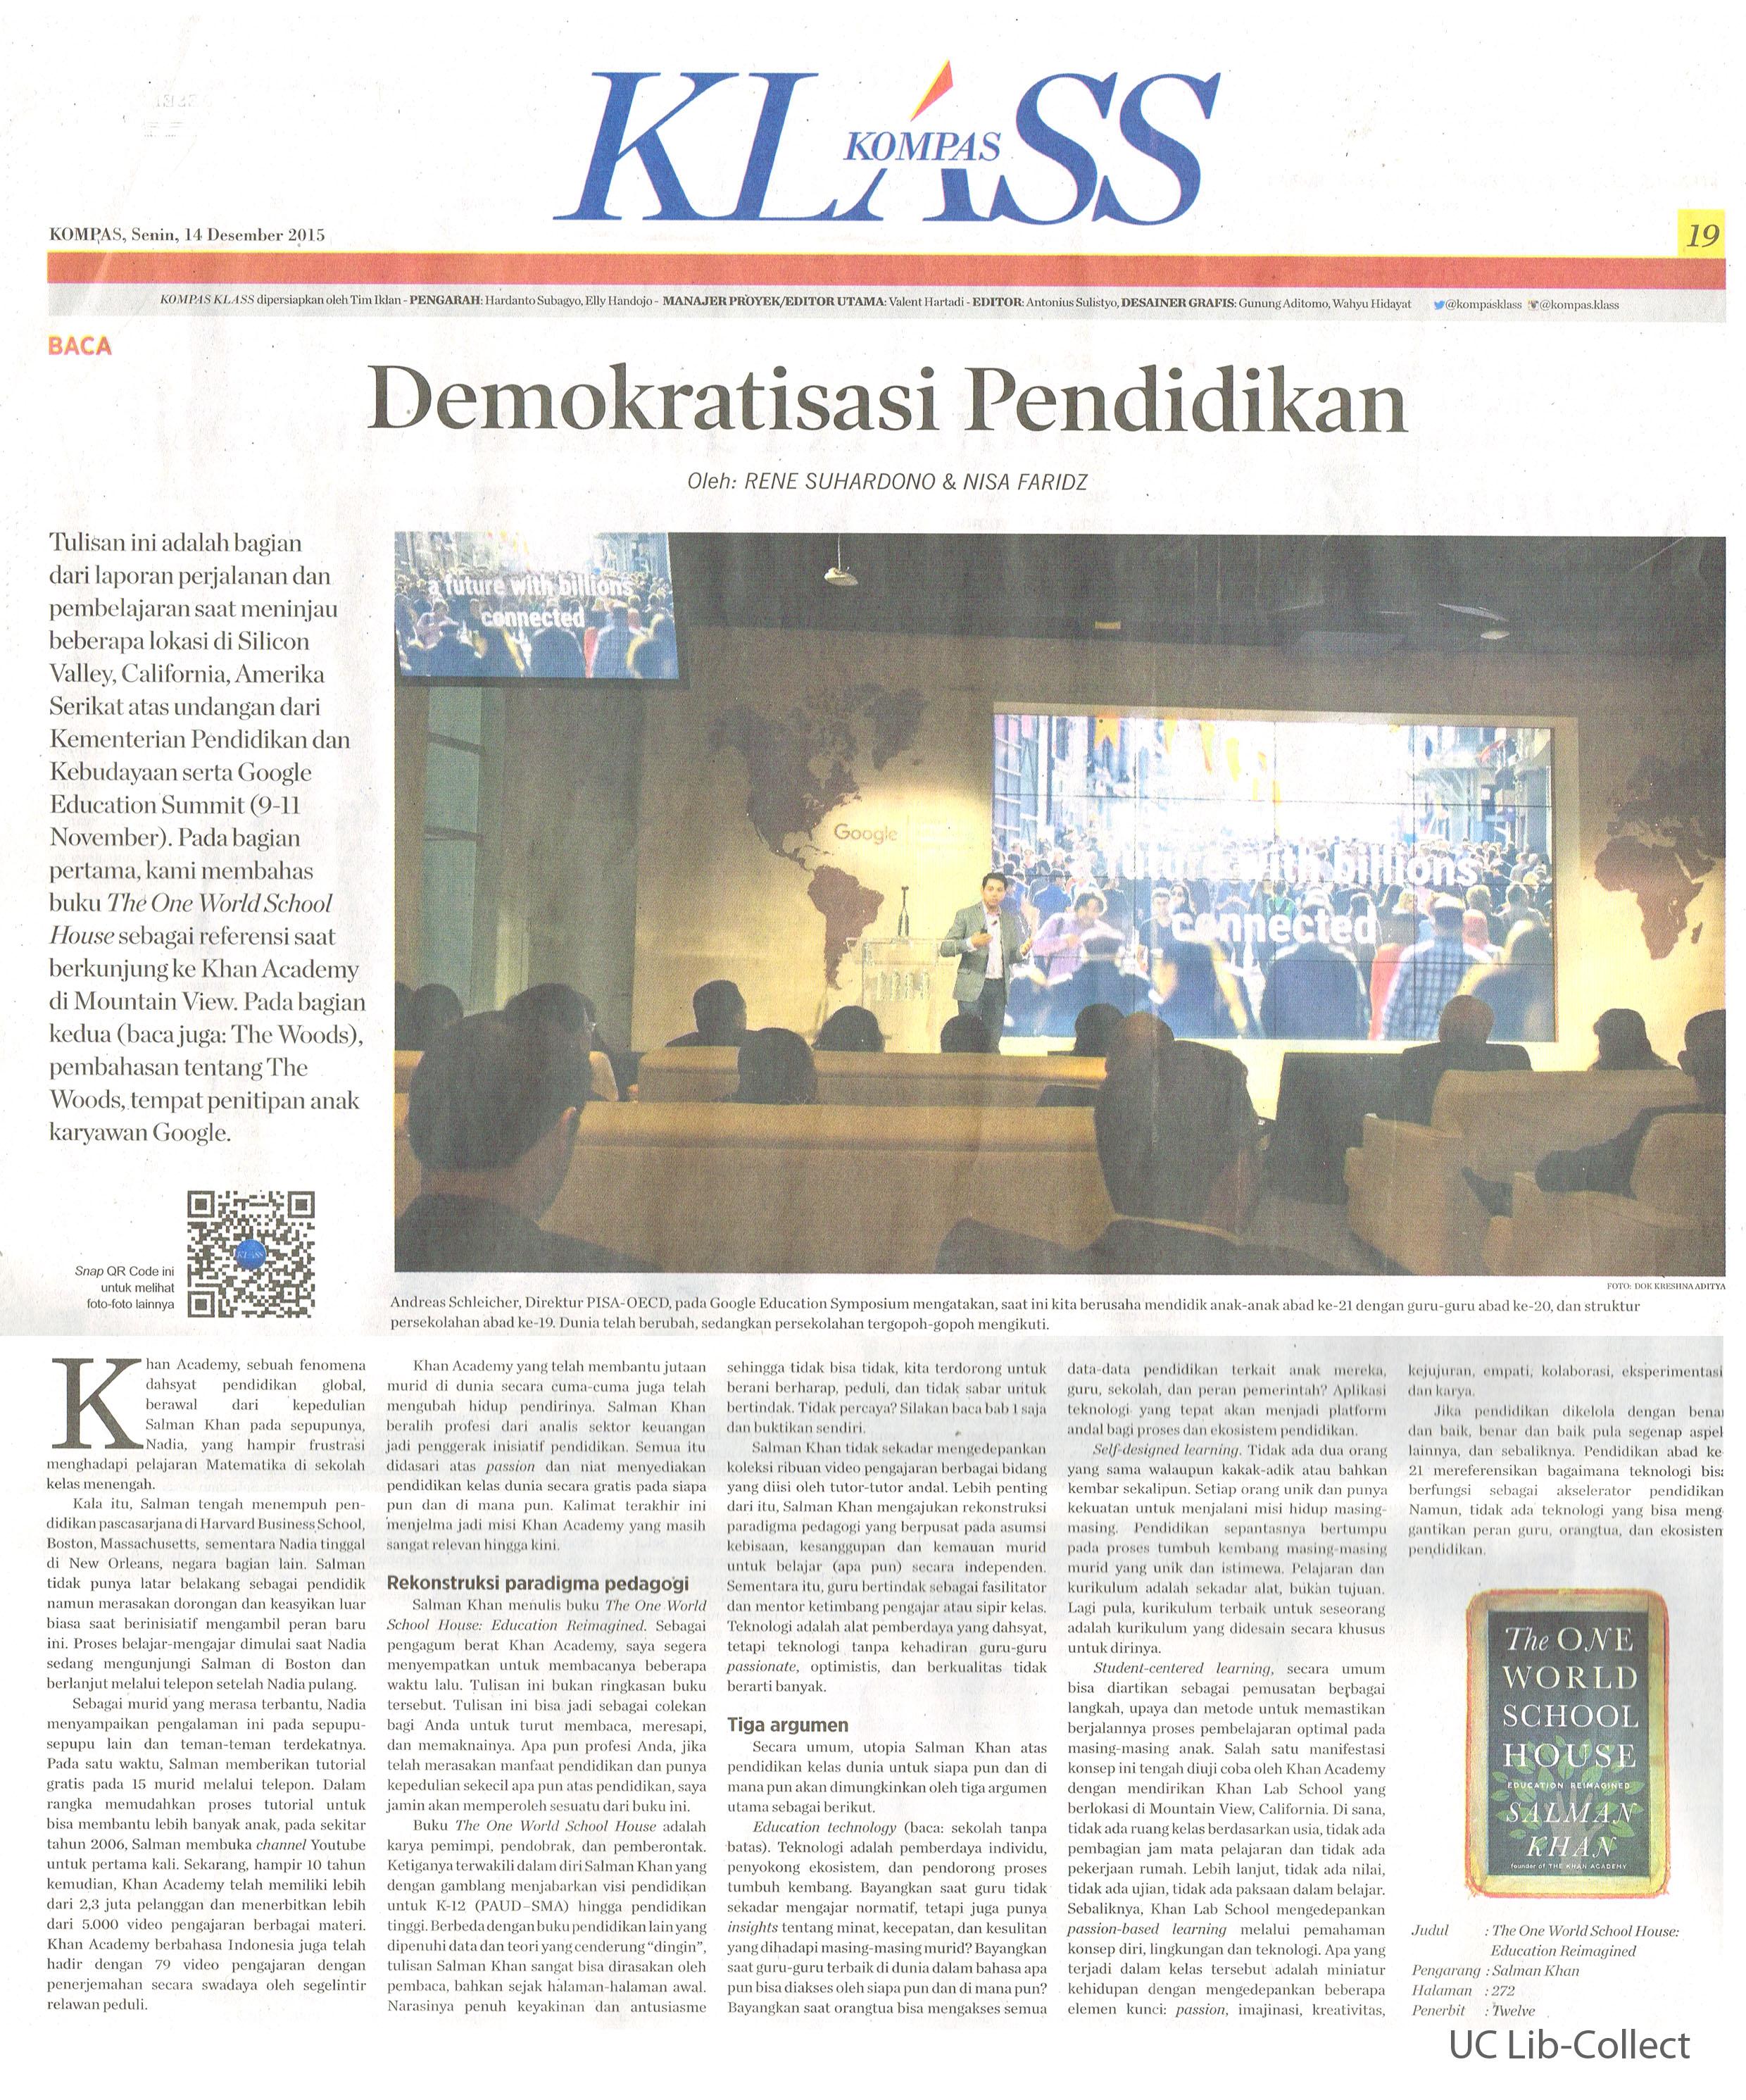 Demokratisasi Pendidikan. Kompas.14 Desember 2015.Hal.19